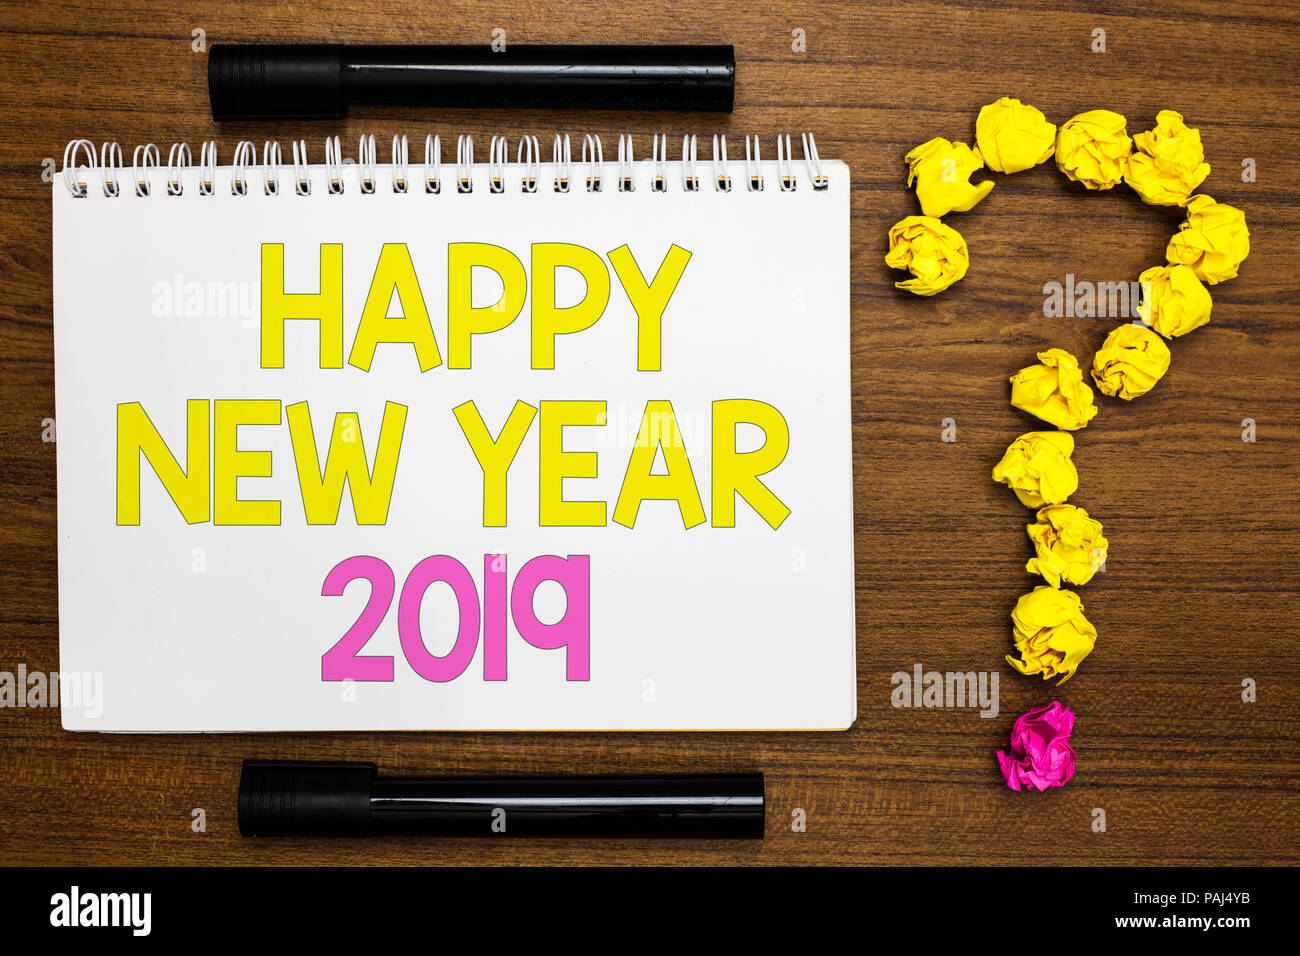 Konzeptionelle Handschrift zeigt ein Frohes Neues Jahr 2019 ...